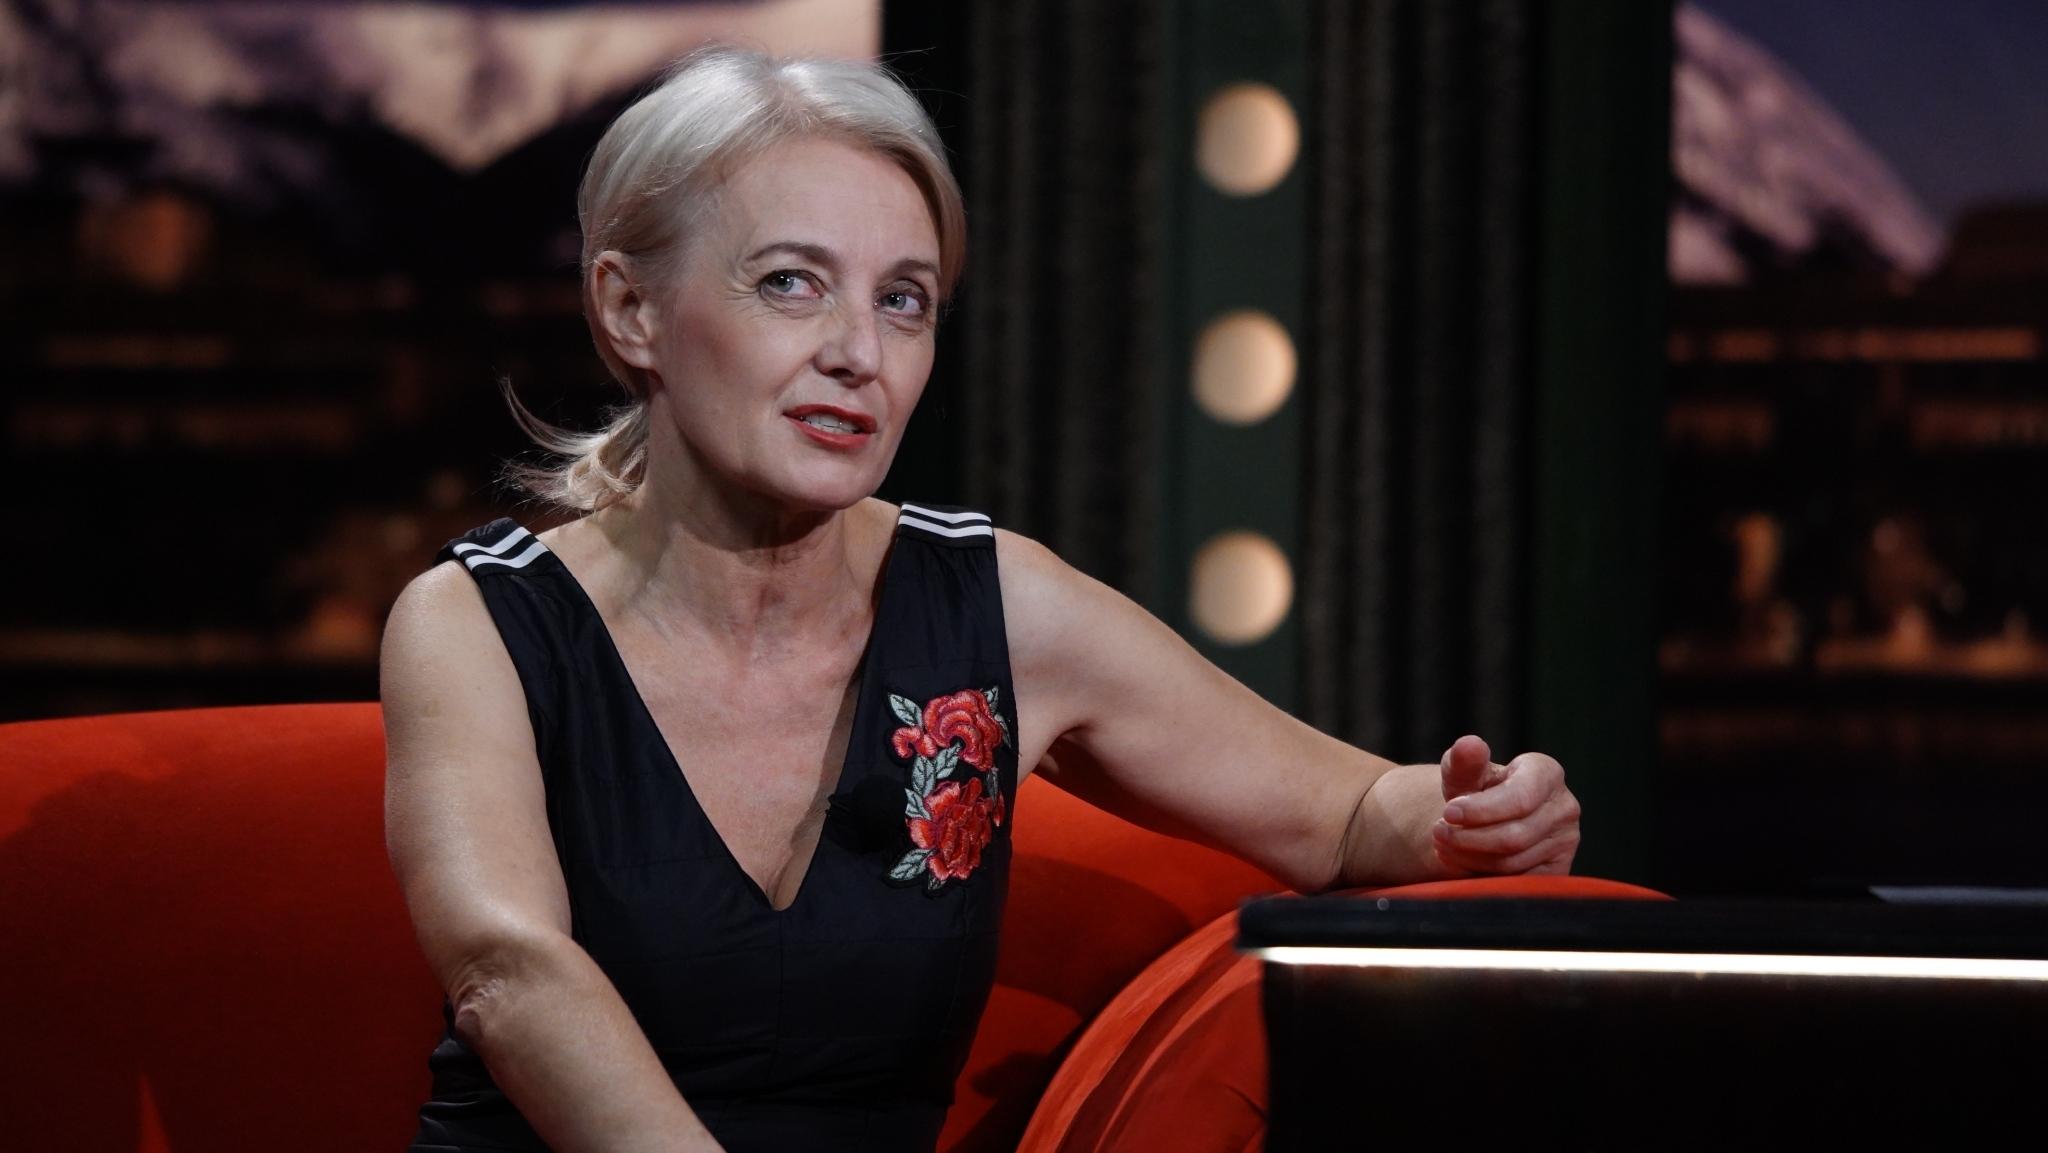 Herečka Veronika Žilková, svého času rodinný příslušník doprovázející státního úředníka dlouhodobě vyslaného do zahraničí, v SJK 14. 10. 2020